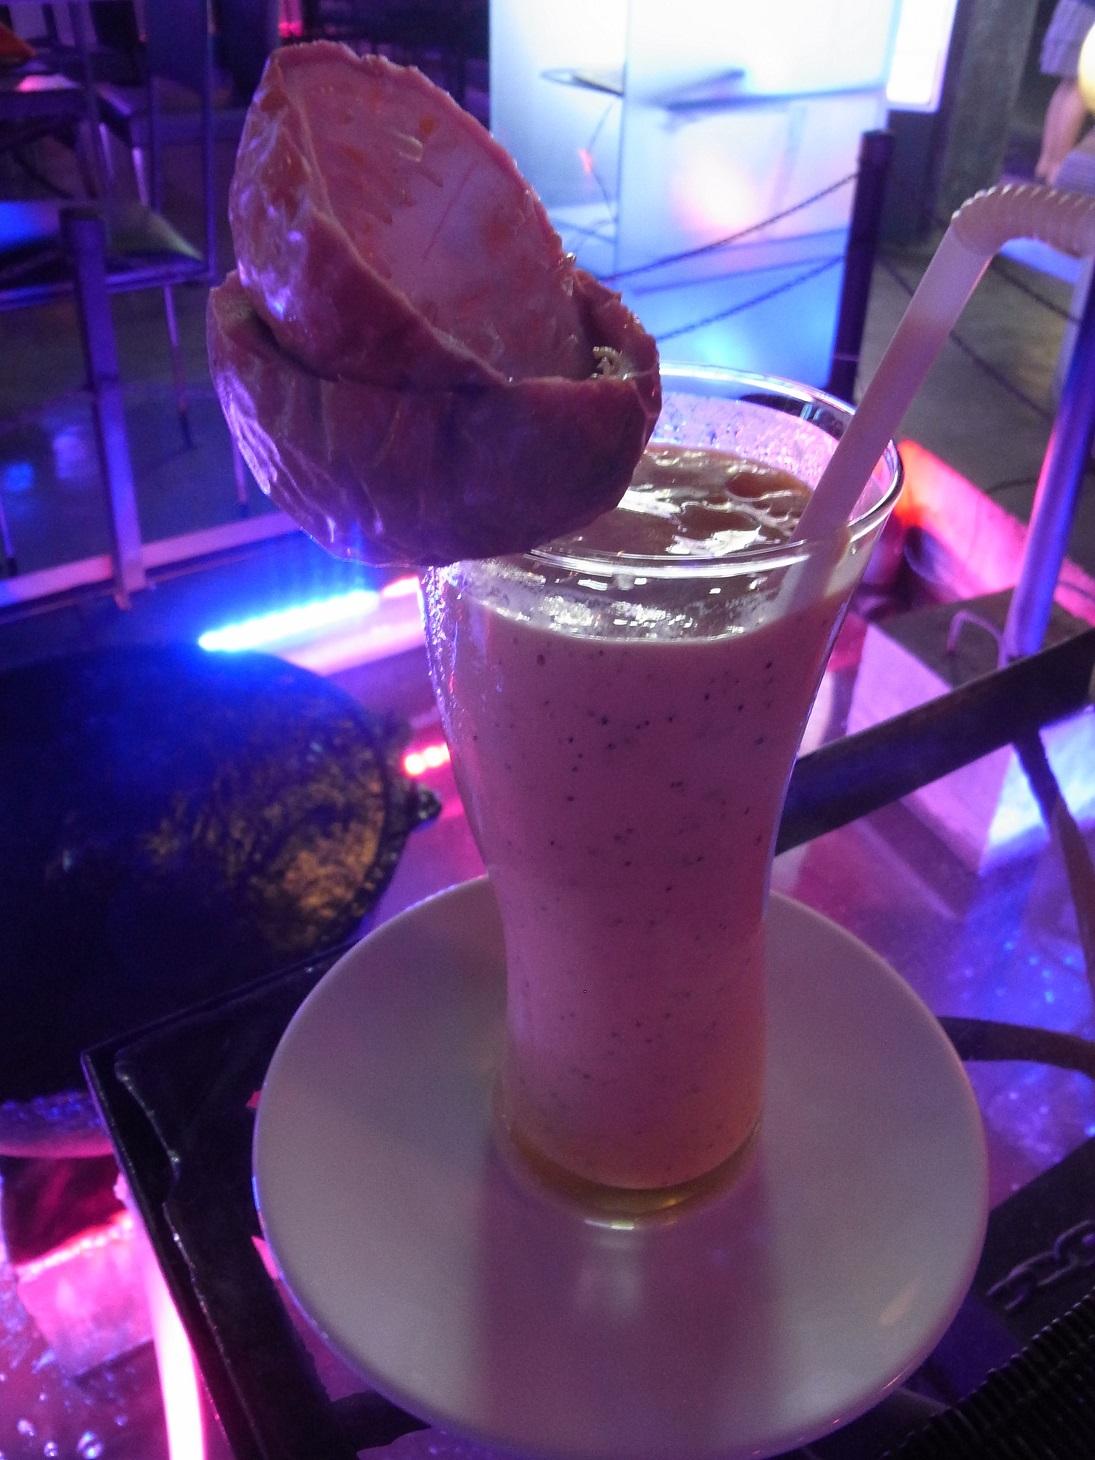 スリランカで食べたり飲んだりして元気になった!_1_7